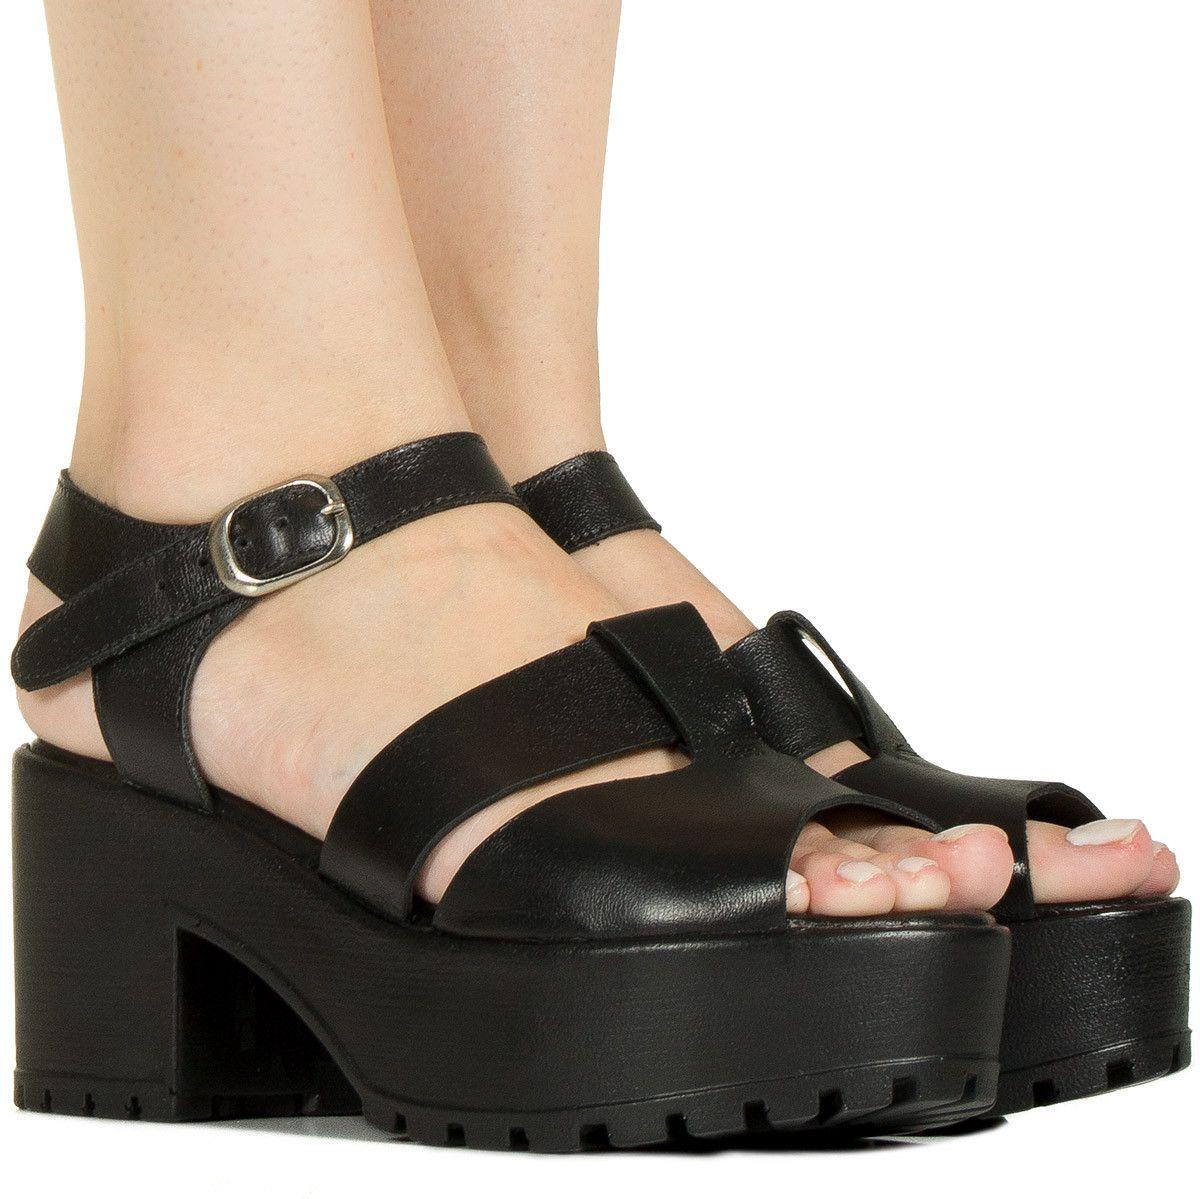 73a055e2a Sandália tratorada preta de couro Taquilla - Taquilla  Calçados femininos  online